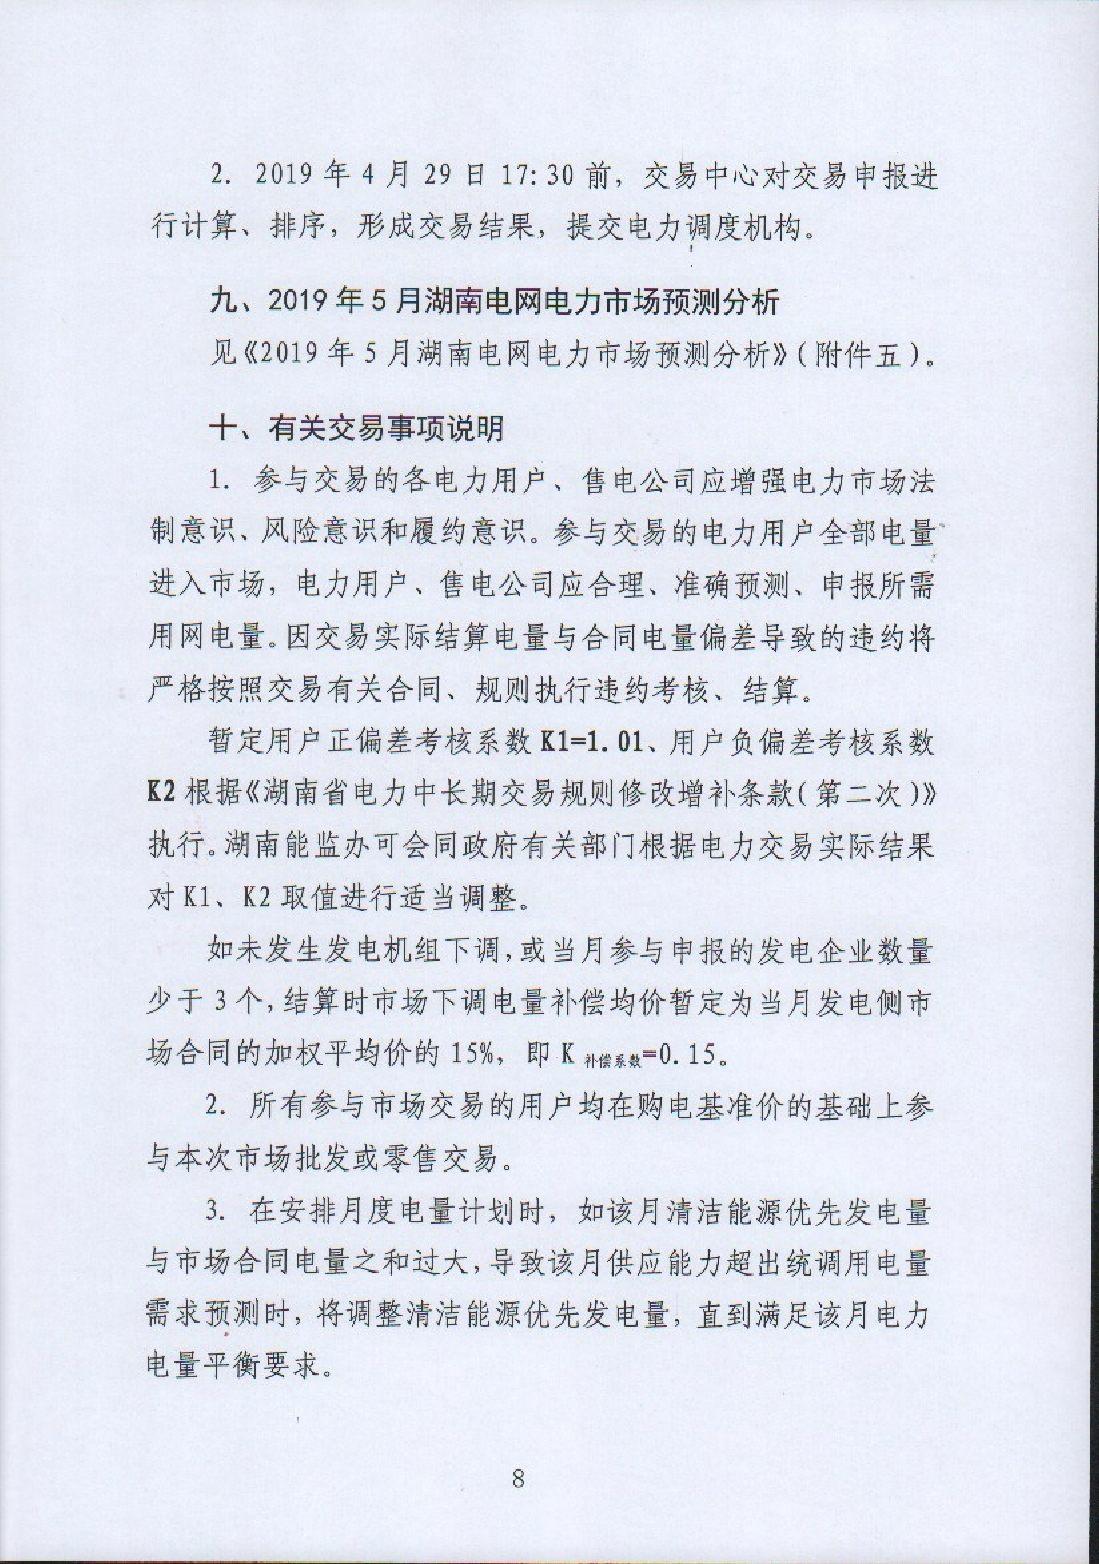 2019年第6號交易公告(5月月度交易).pdf_page_08_compressed.jpg